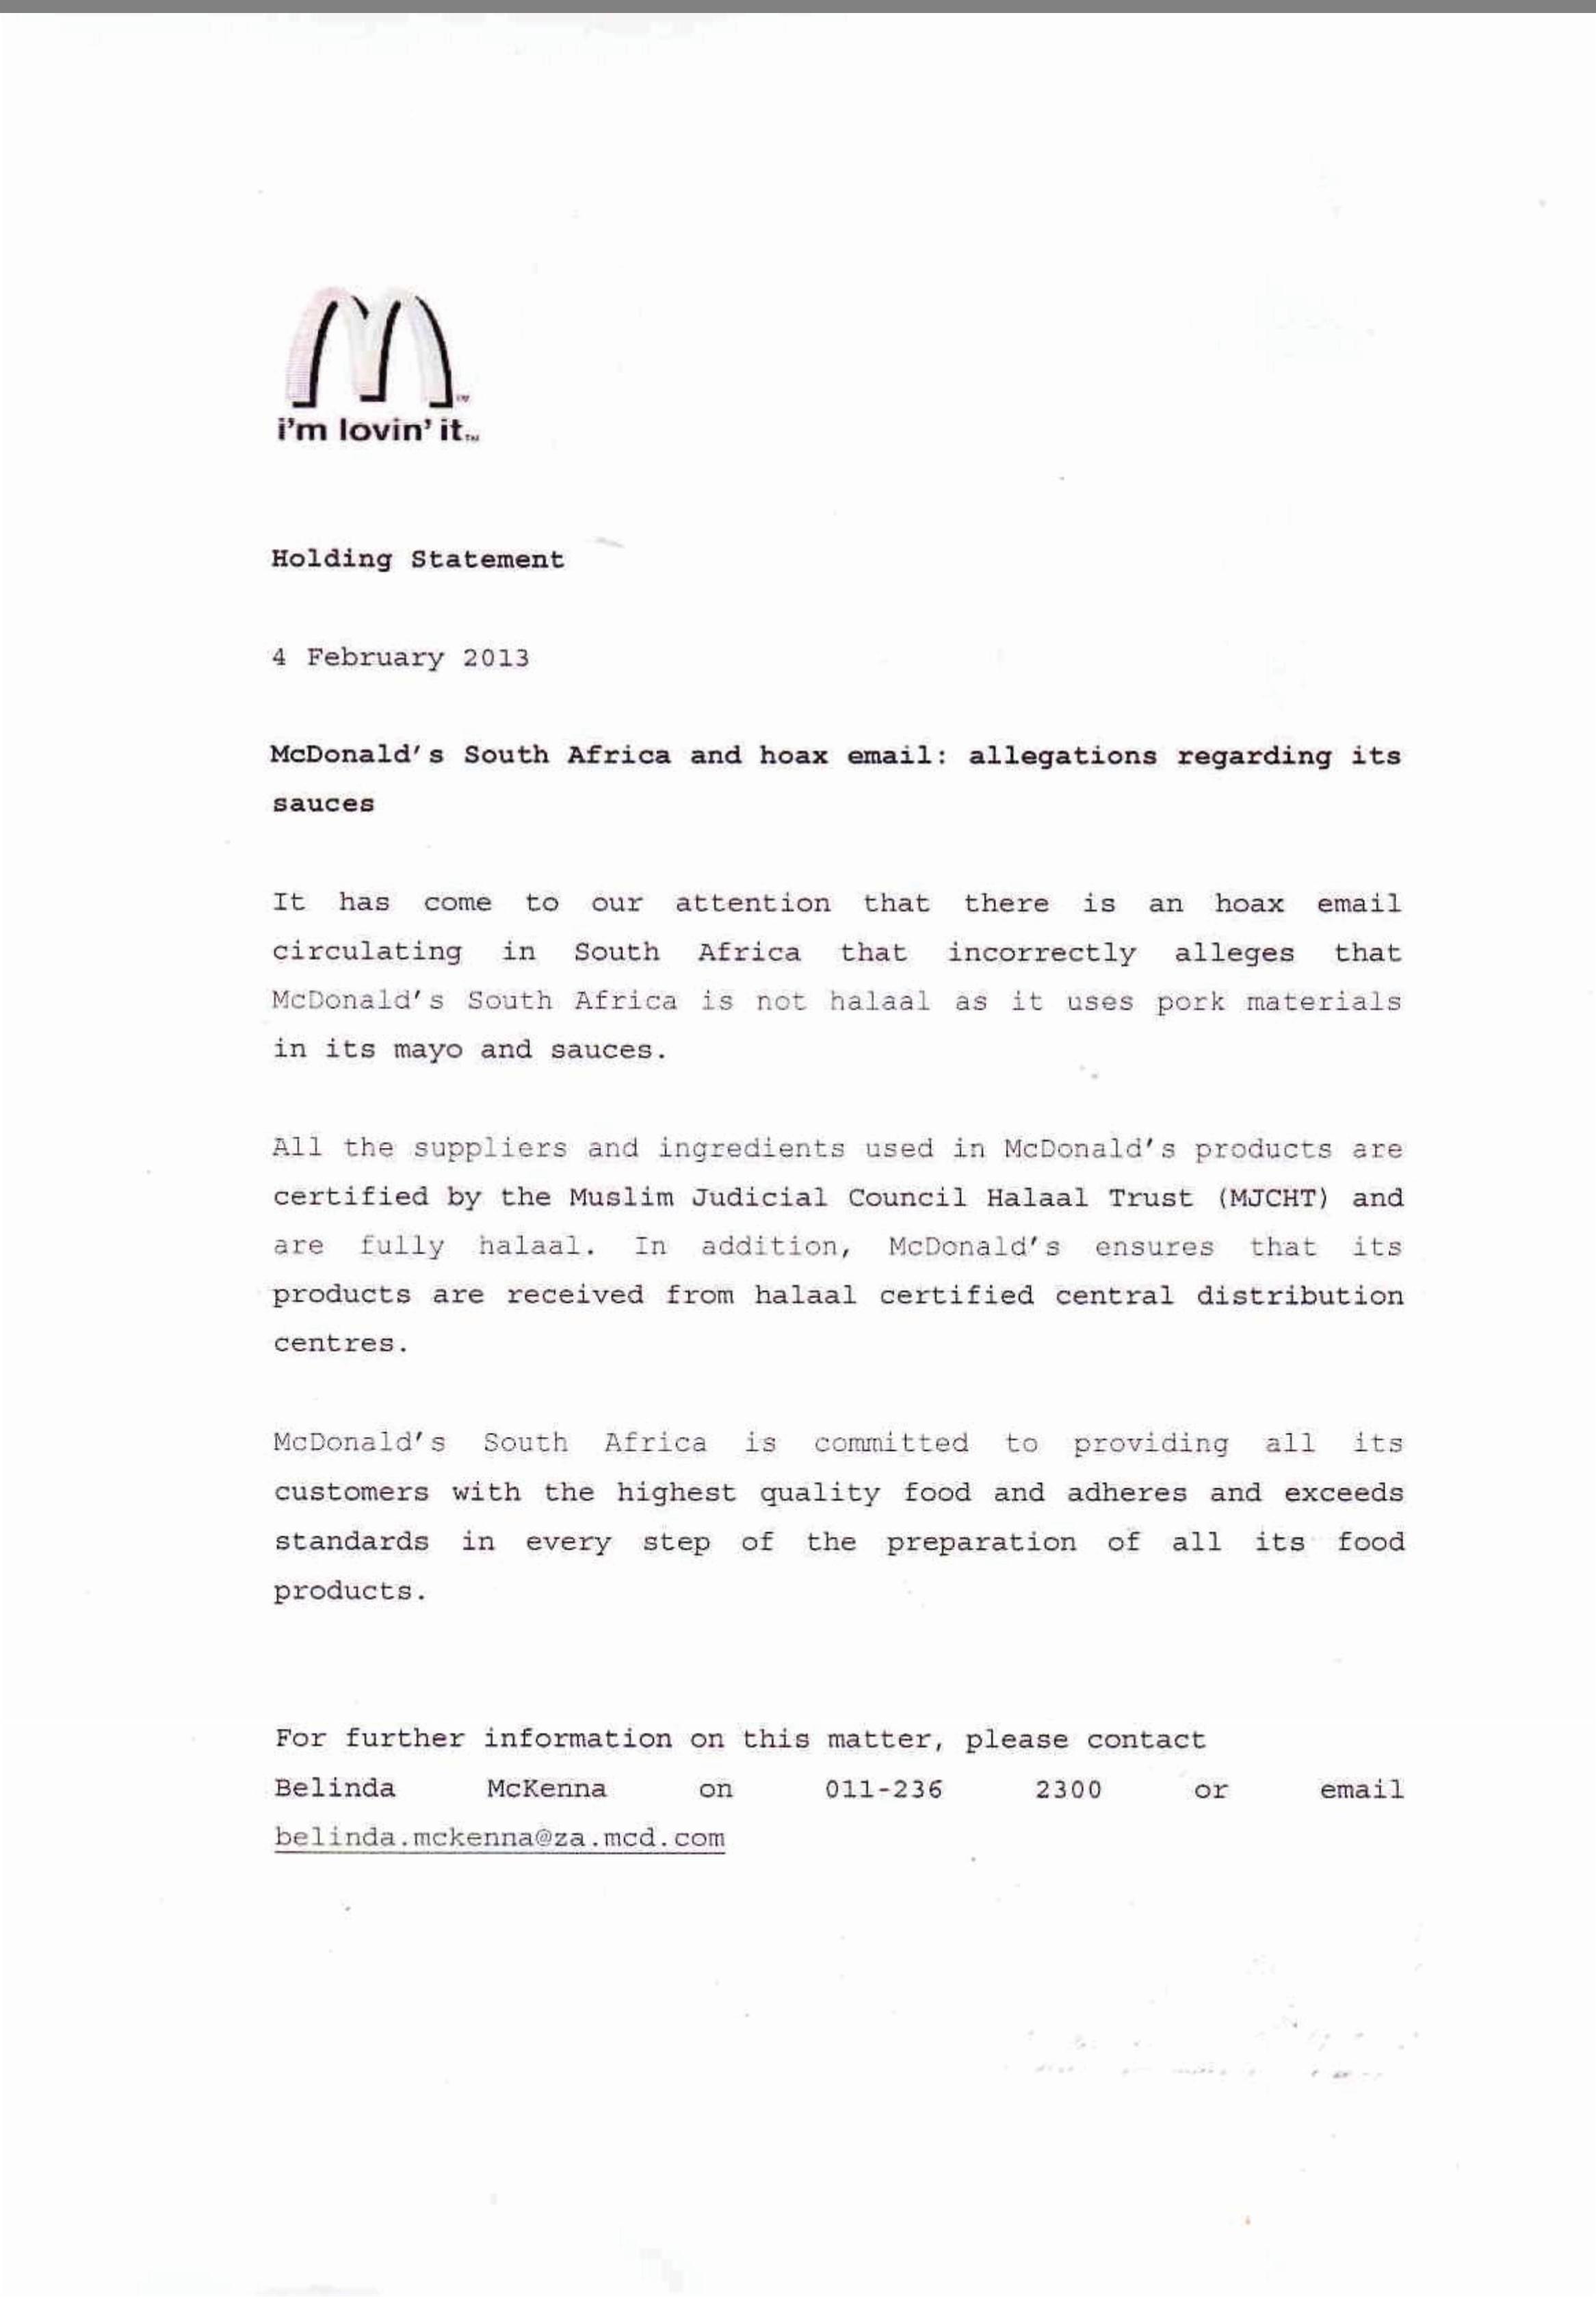 McDonald's - Muslim Judicial Council Halaal Trust (MJC-HT)